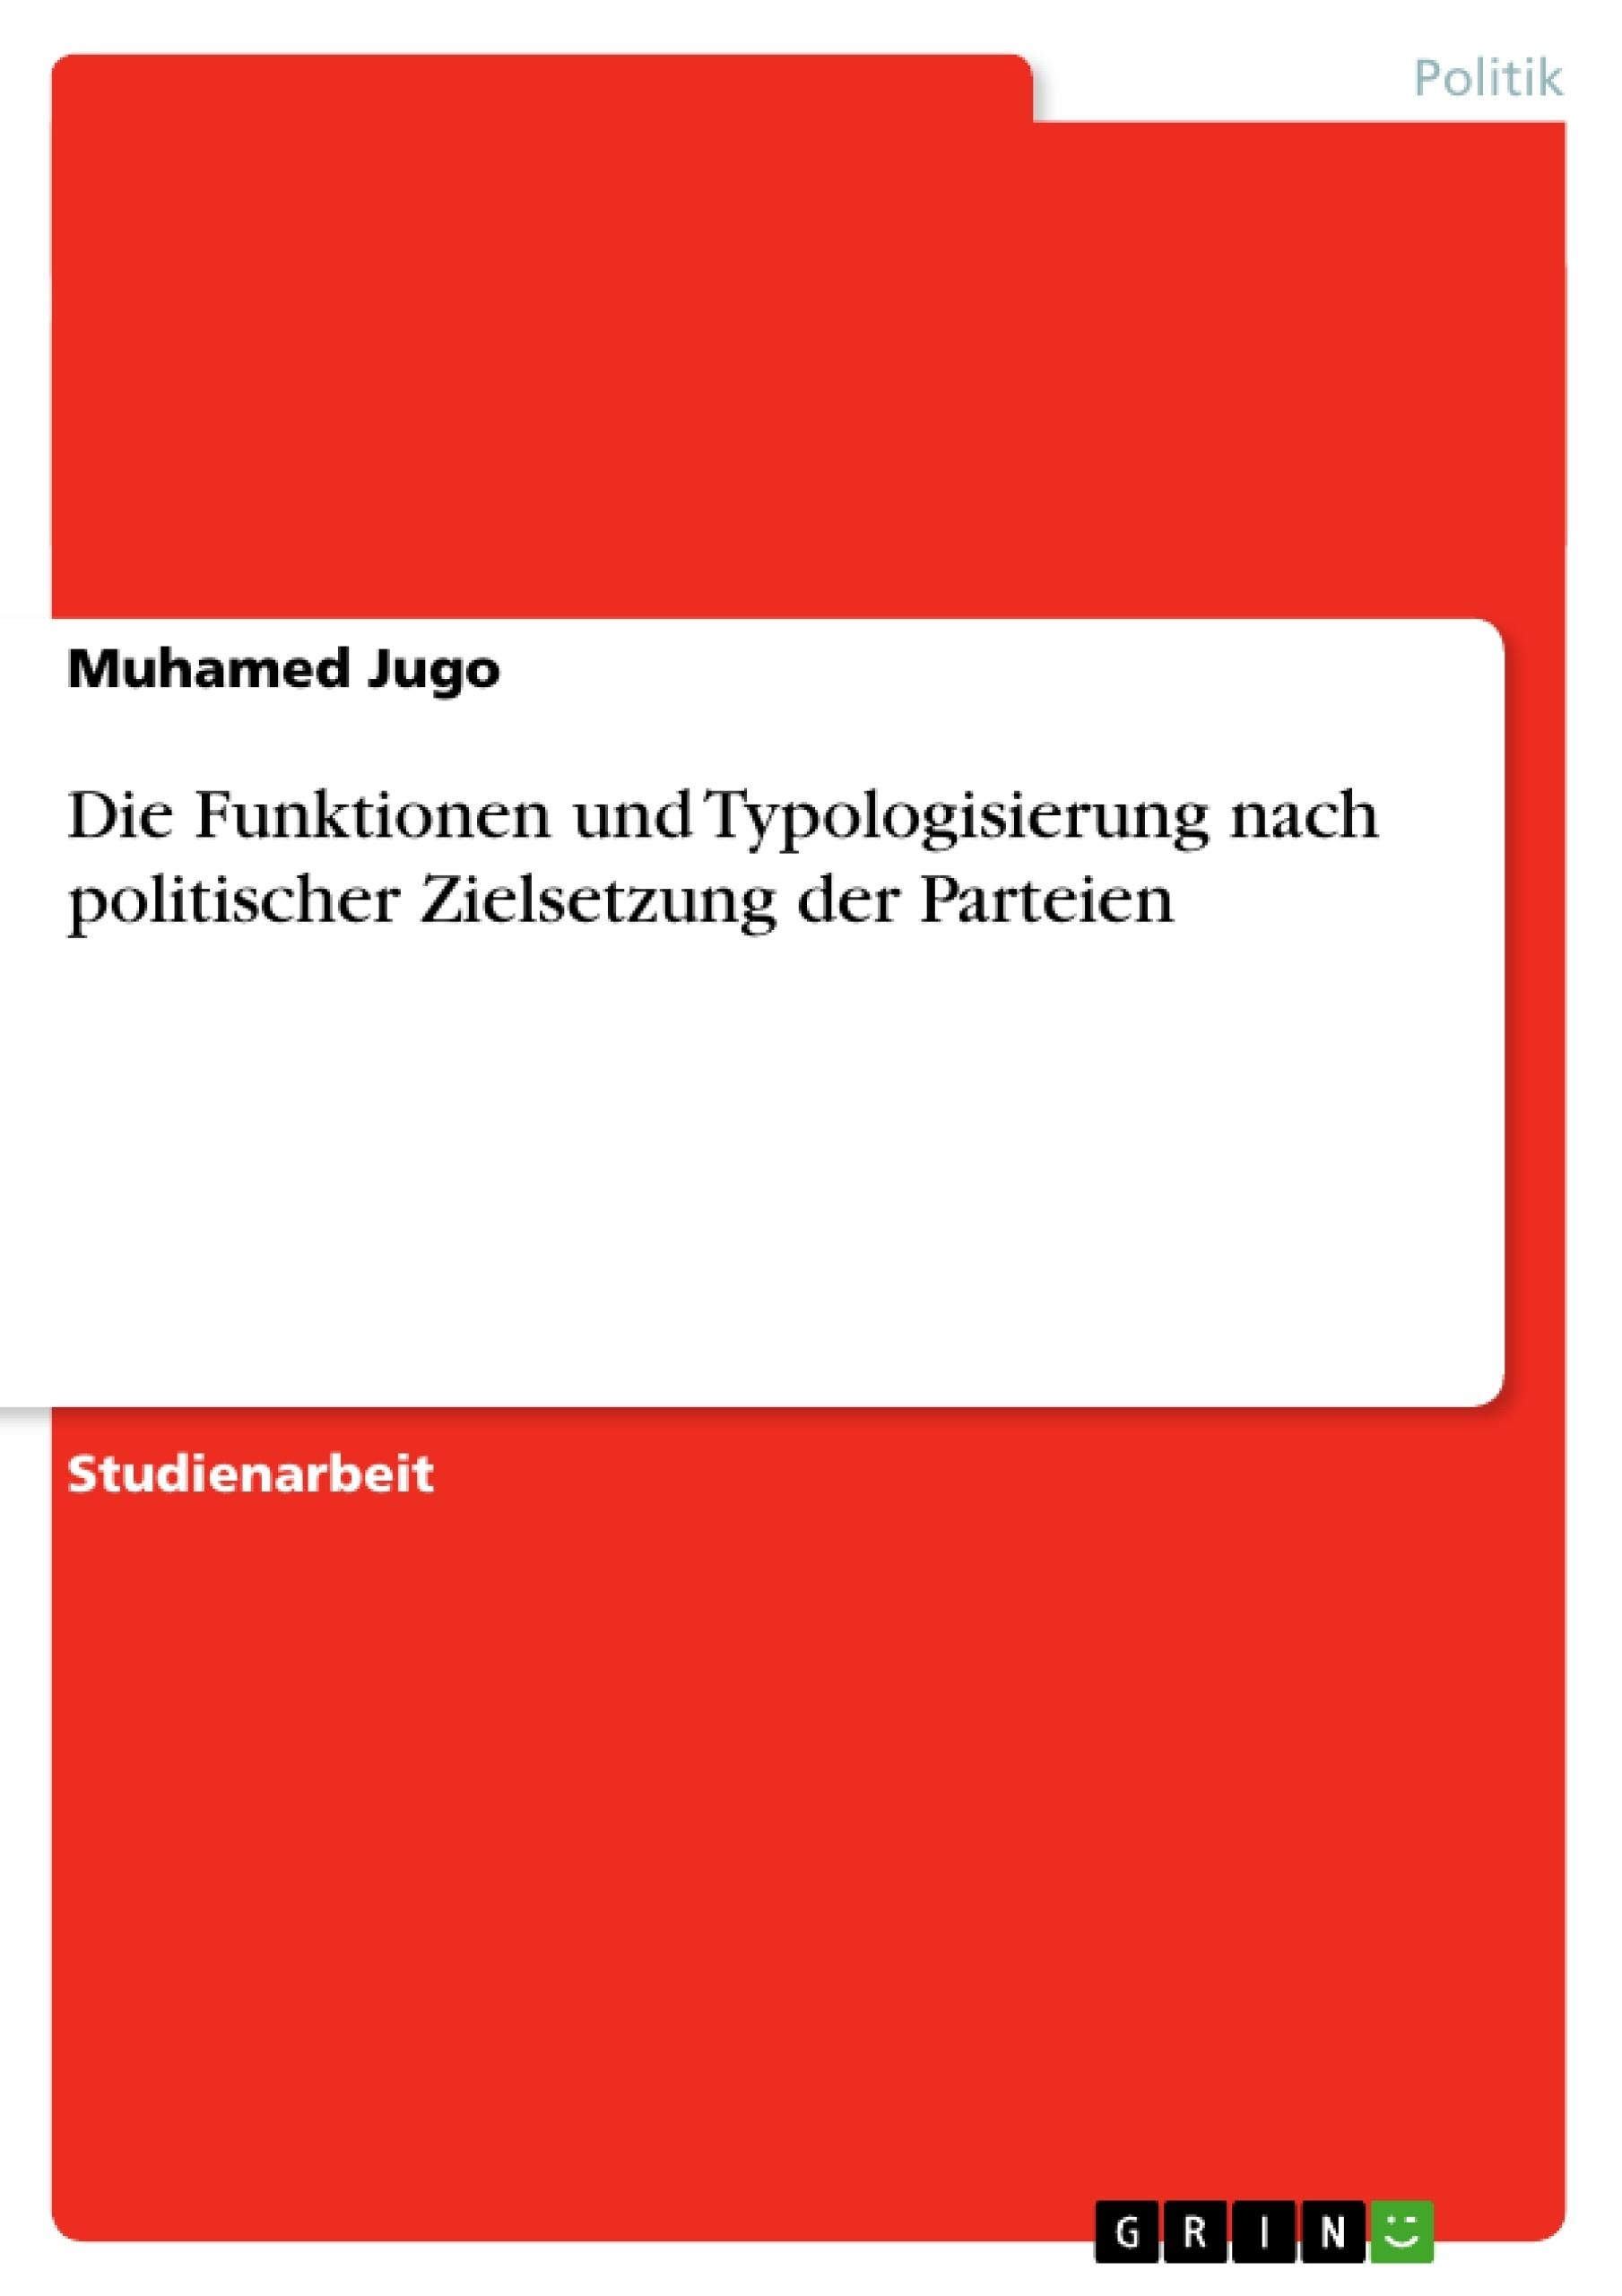 Titel: Die Funktionen und Typologisierung nach politischer Zielsetzung der Parteien